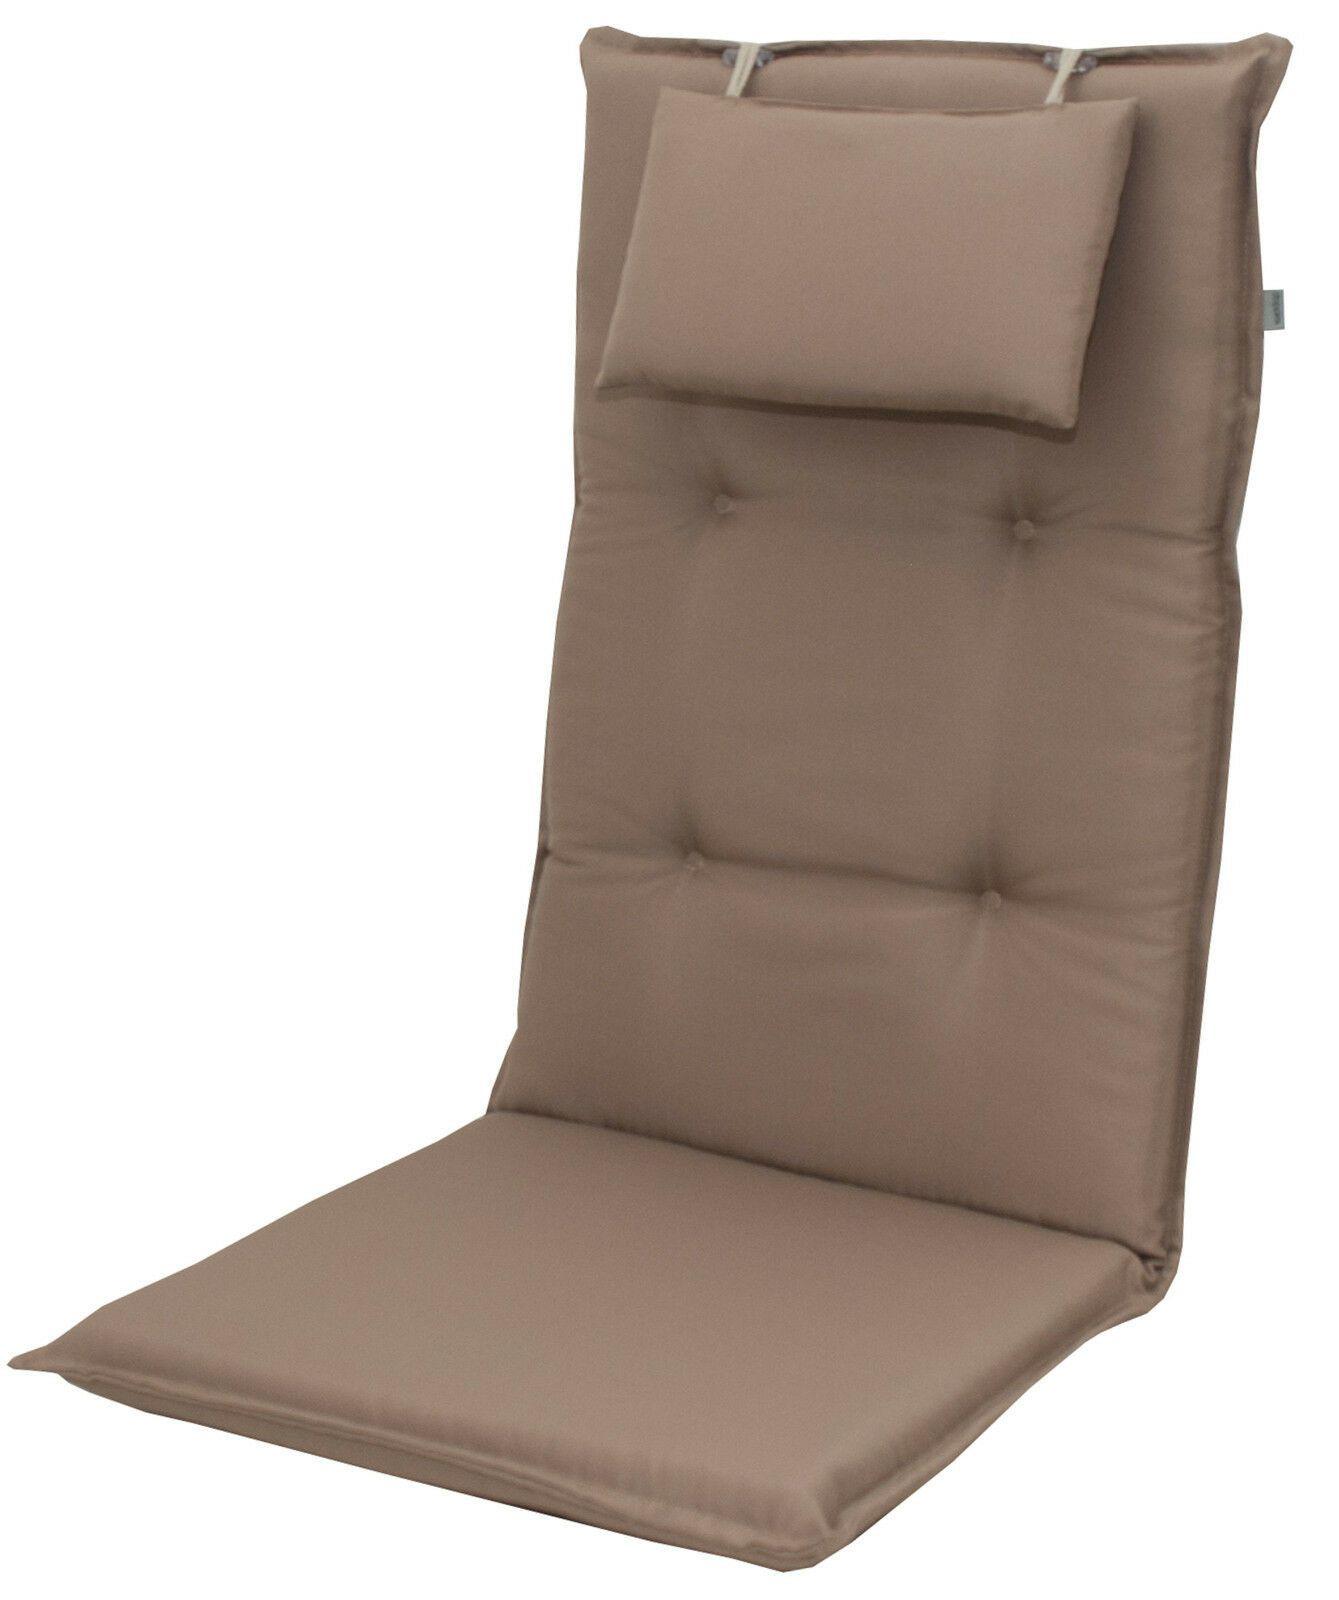 Sitzkissen Auflagen Fur Hochlehner Sessel Gartenstuhle Kisse